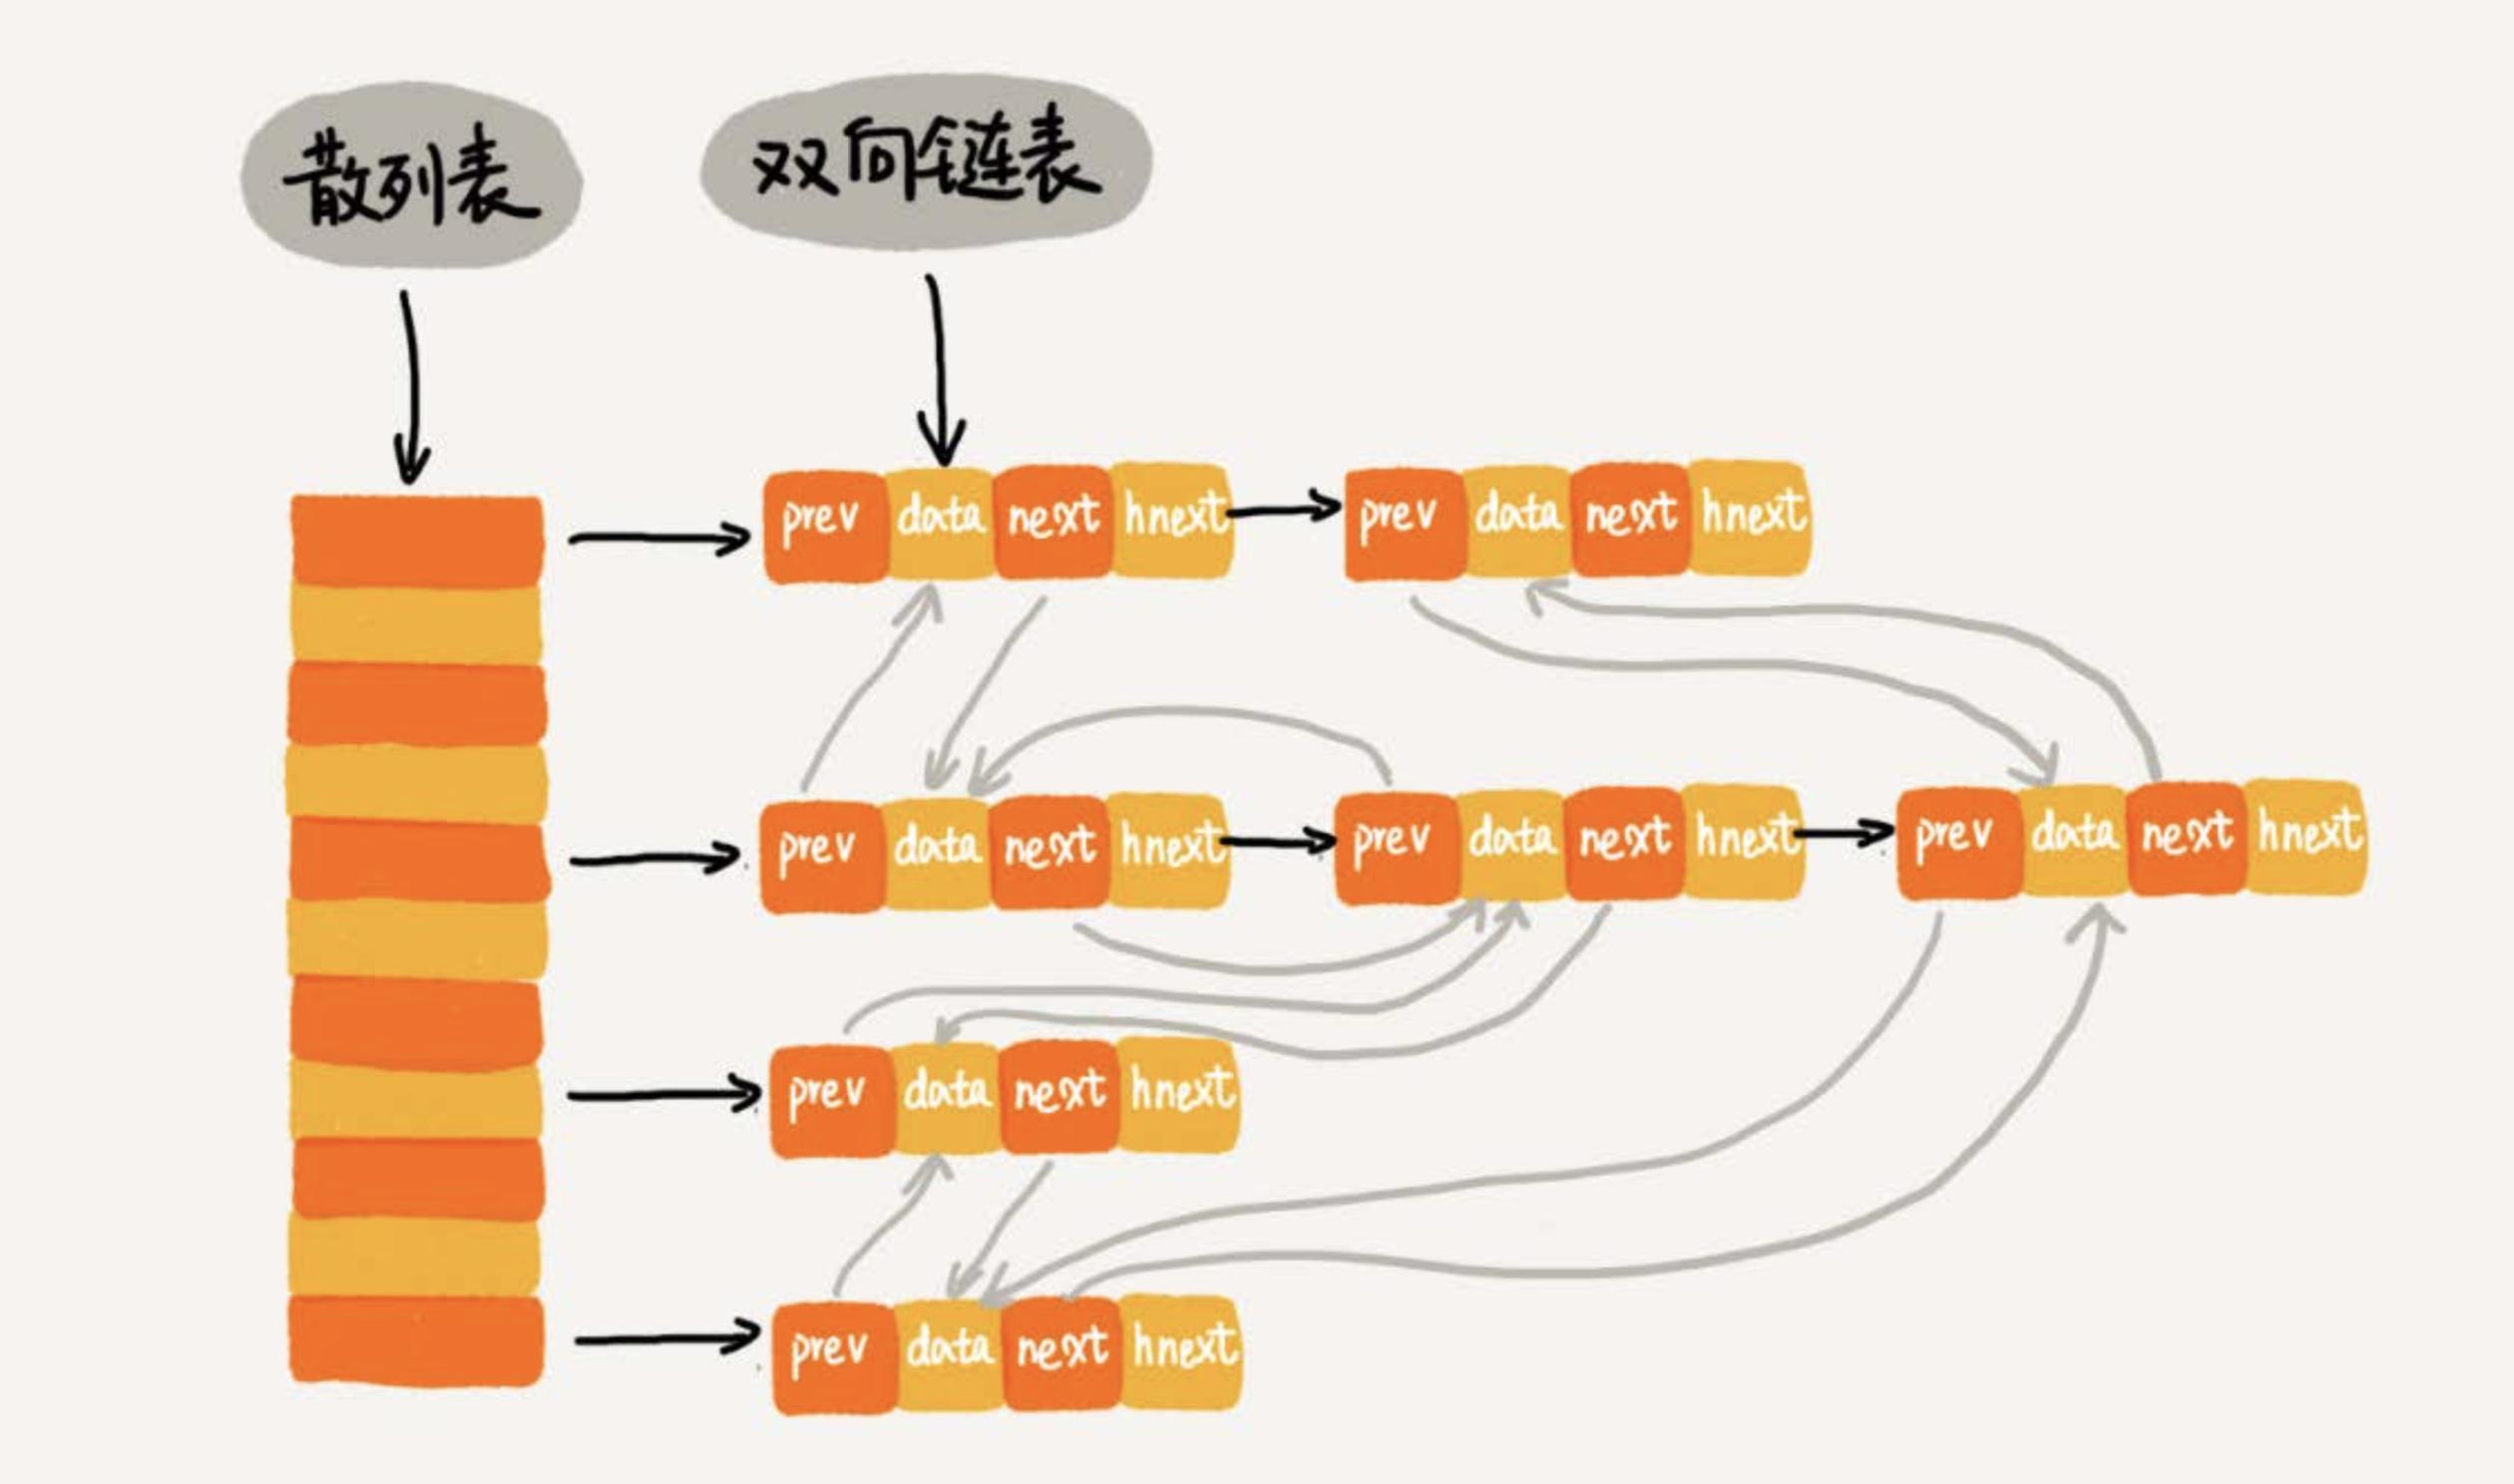 散列表结合链表结构图